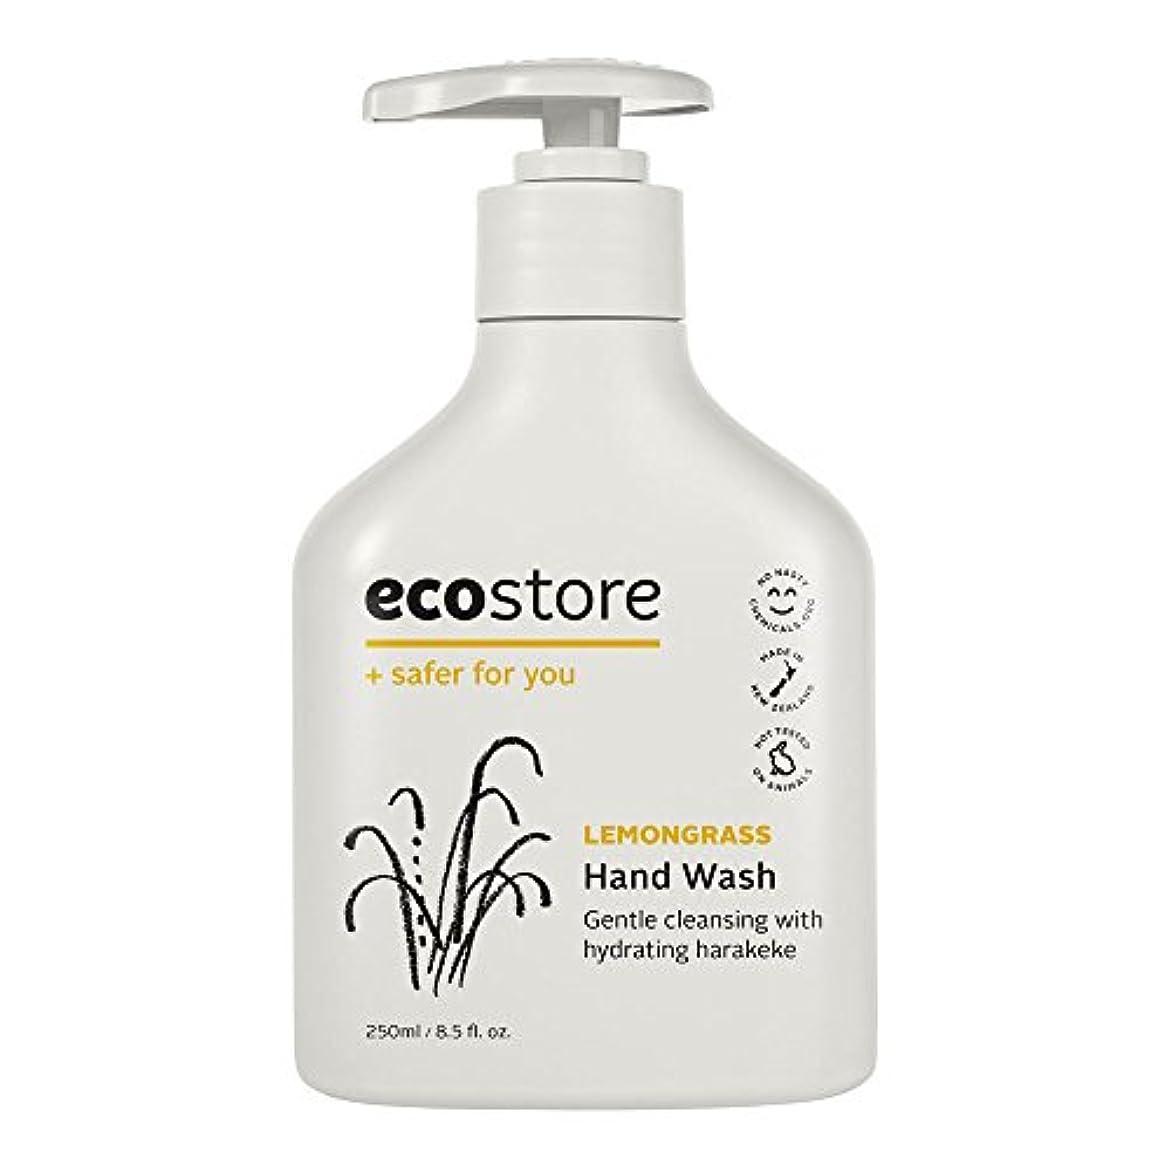 優れた学習繁栄ecostore(エコストア) ハンドウォッシュ 【レモングラス】 250mL 液体タイプ